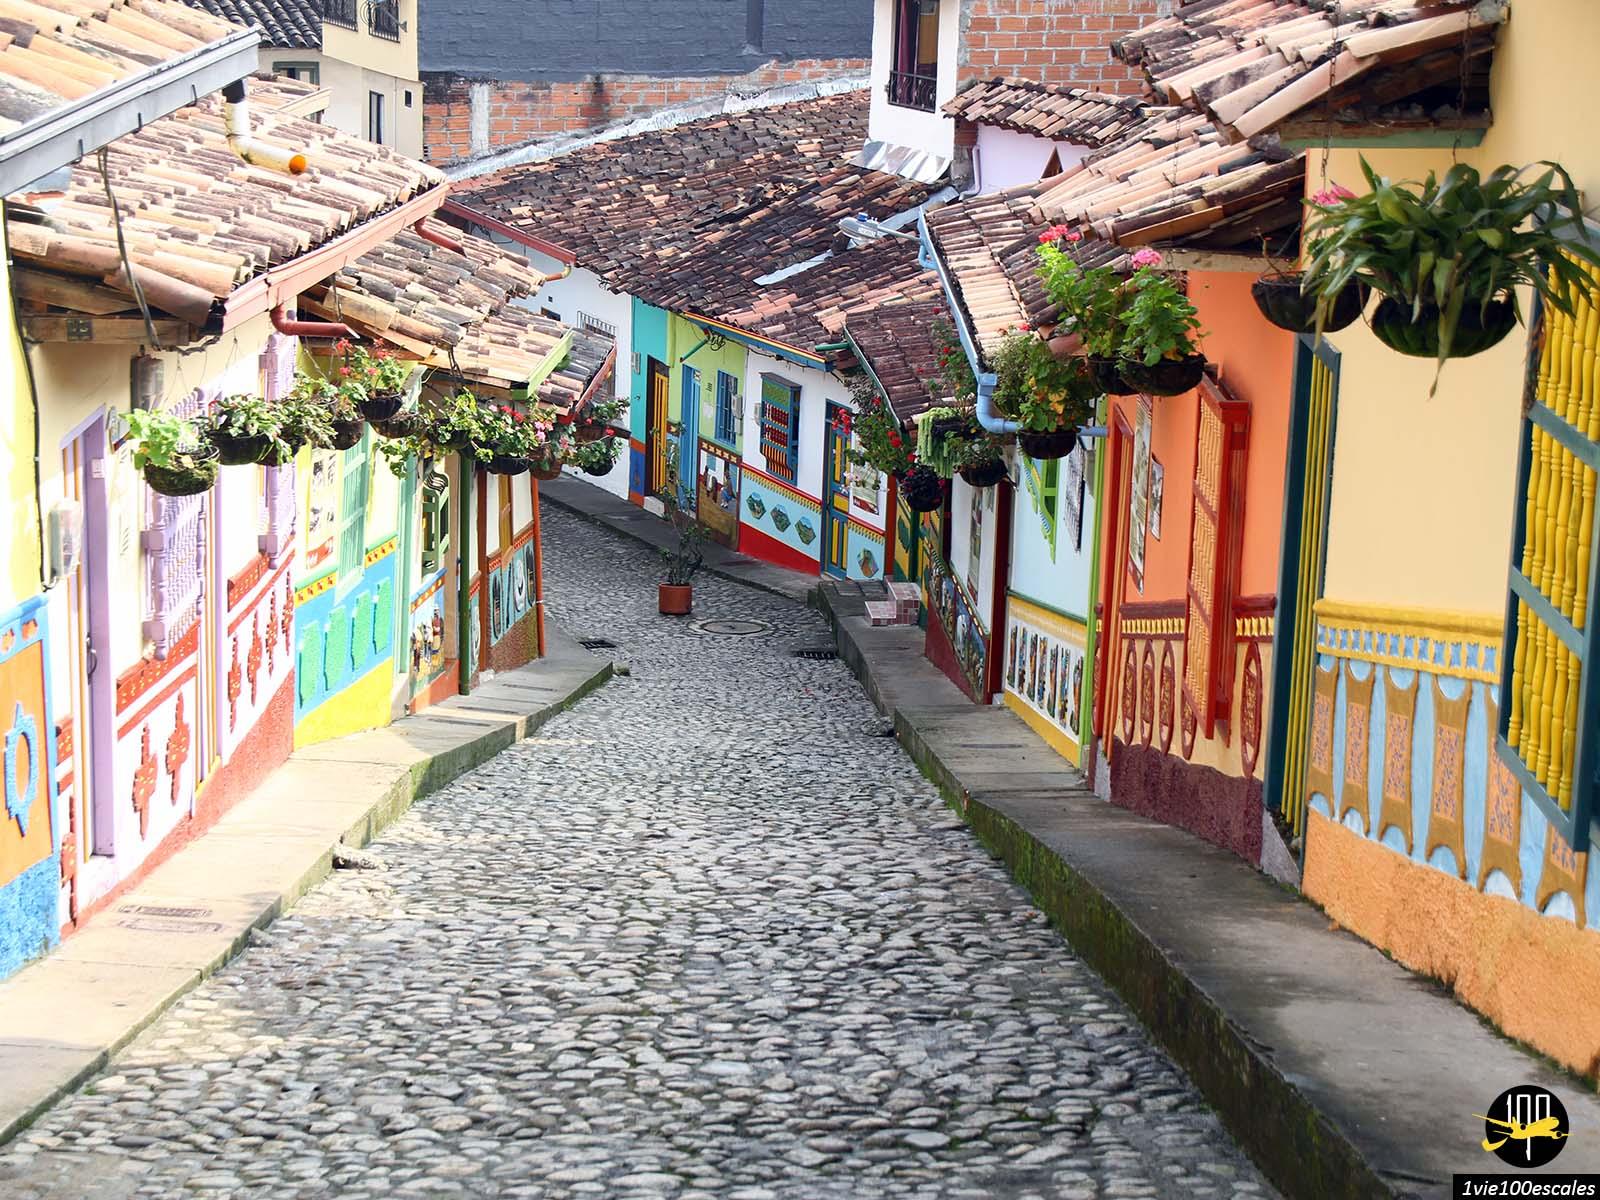 Escale #121 Guatapé